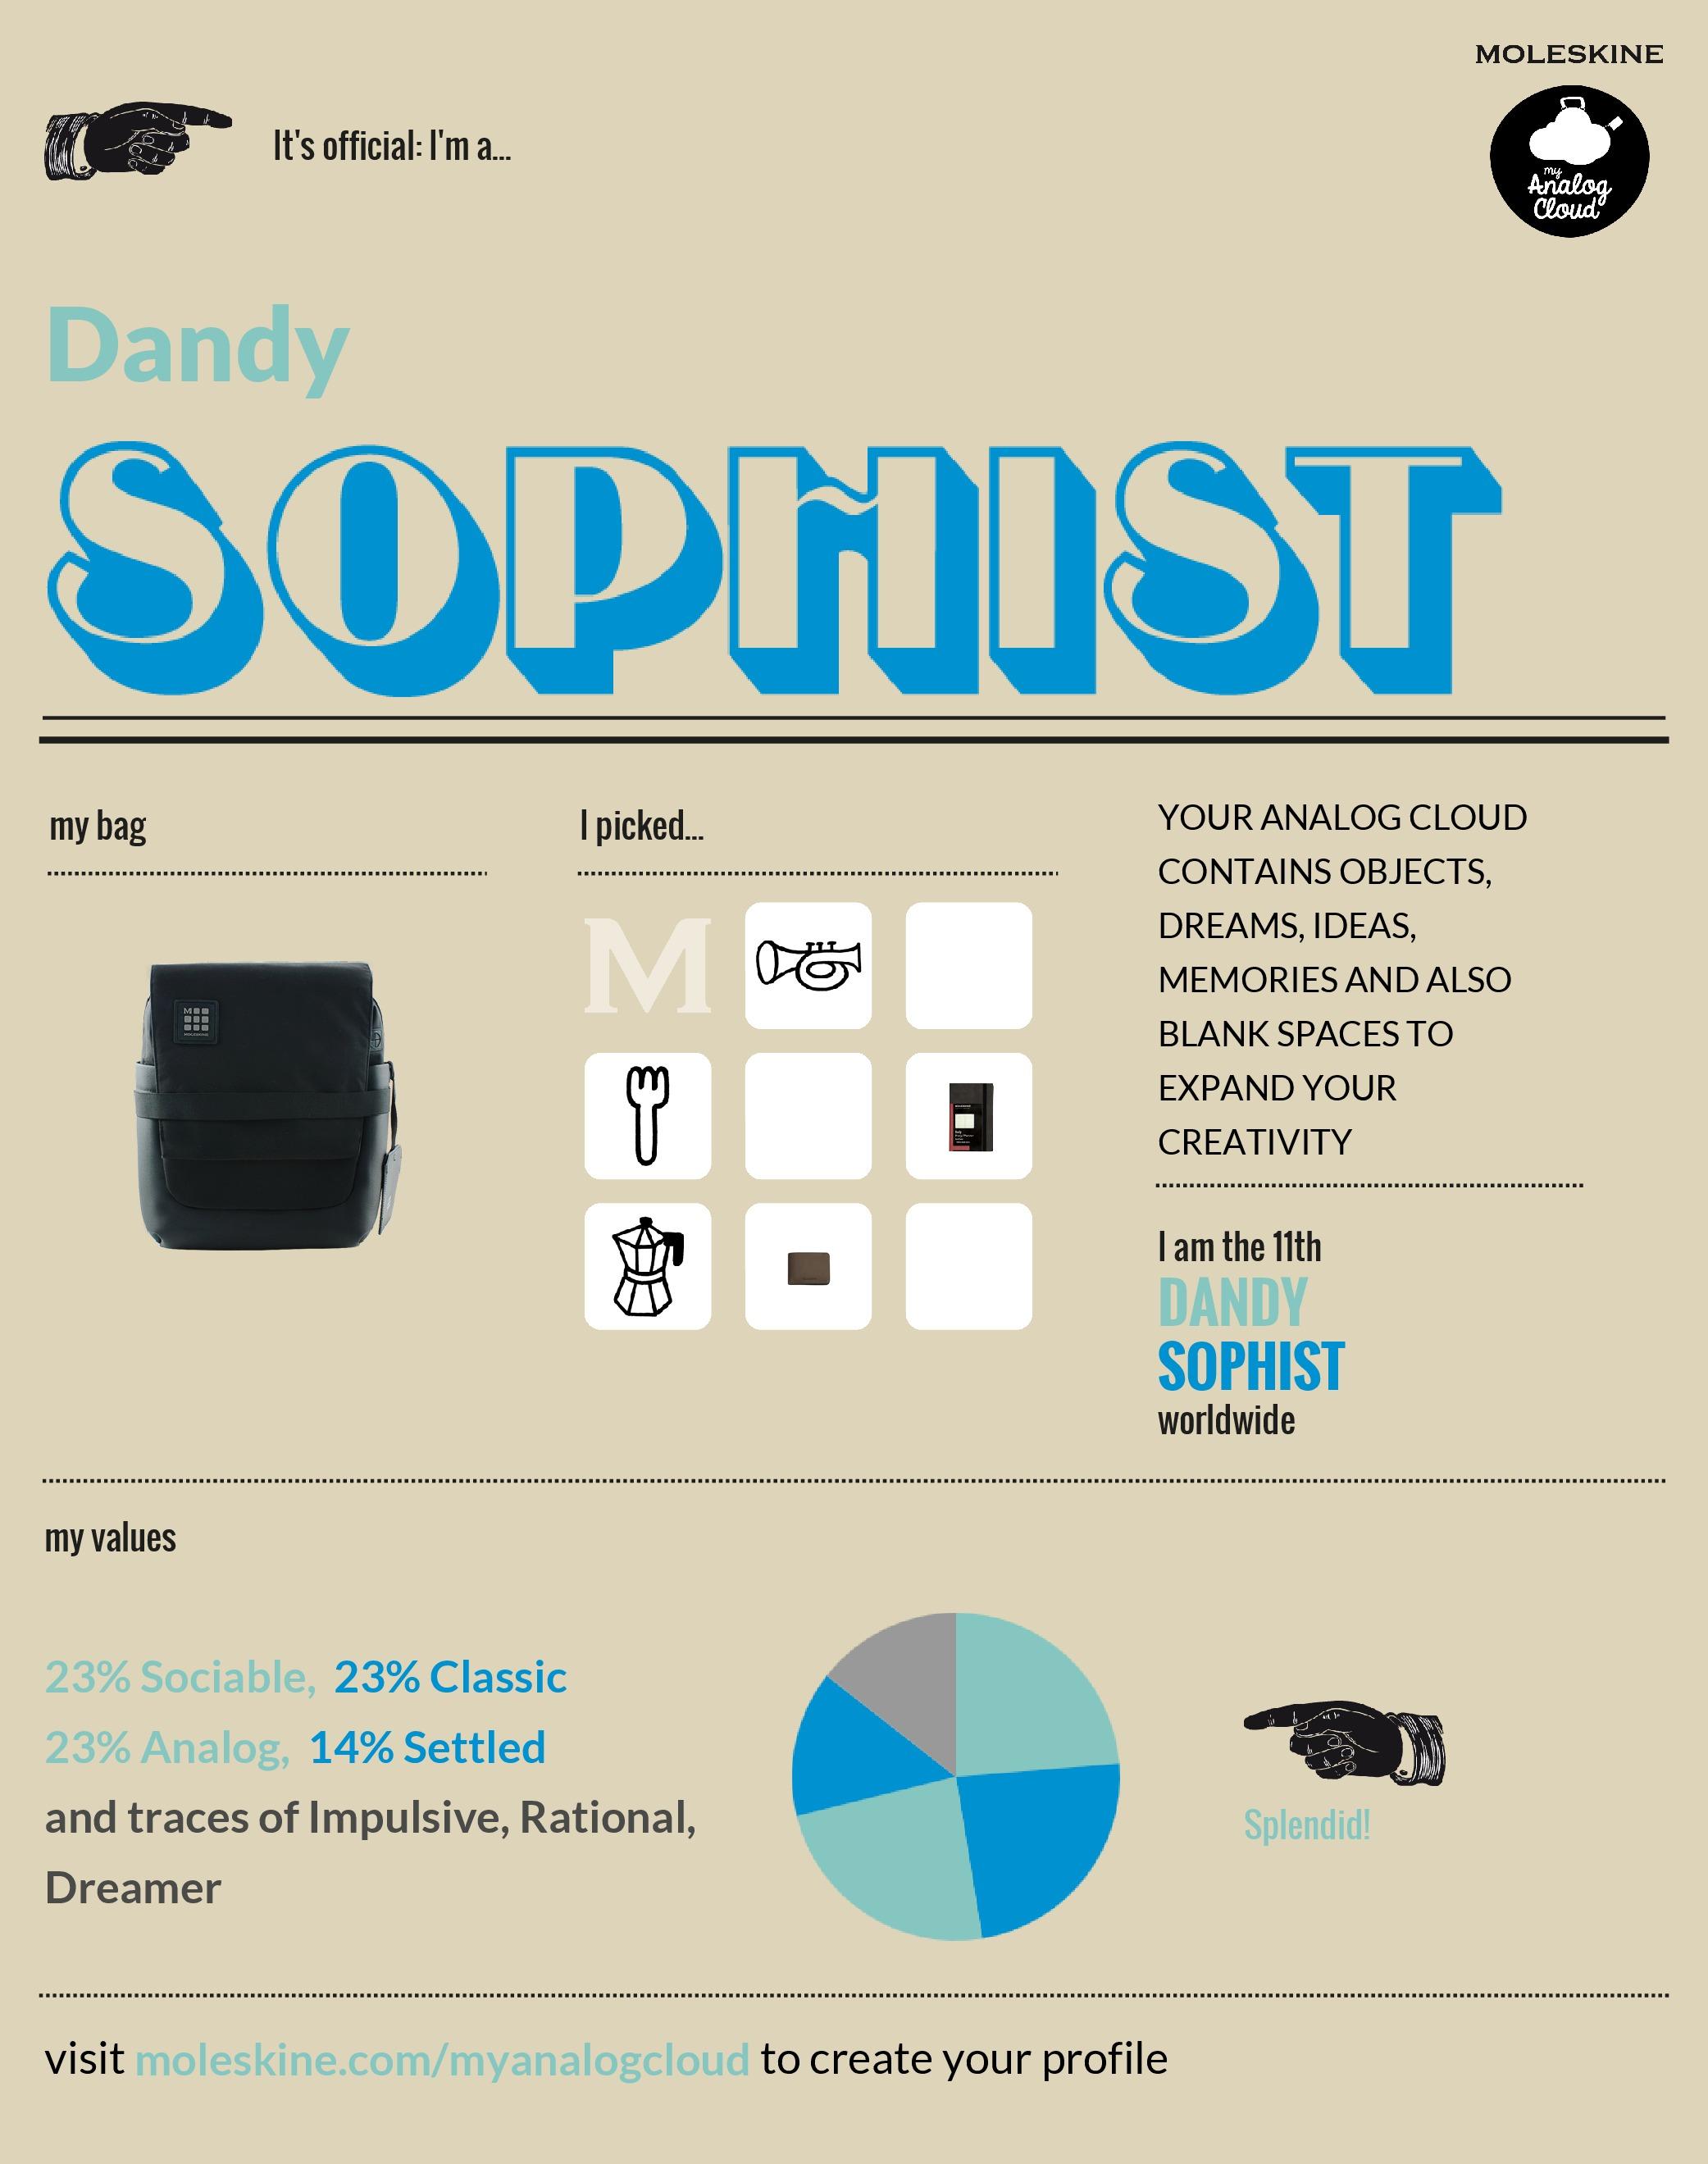 I'm a Dandy Sophist